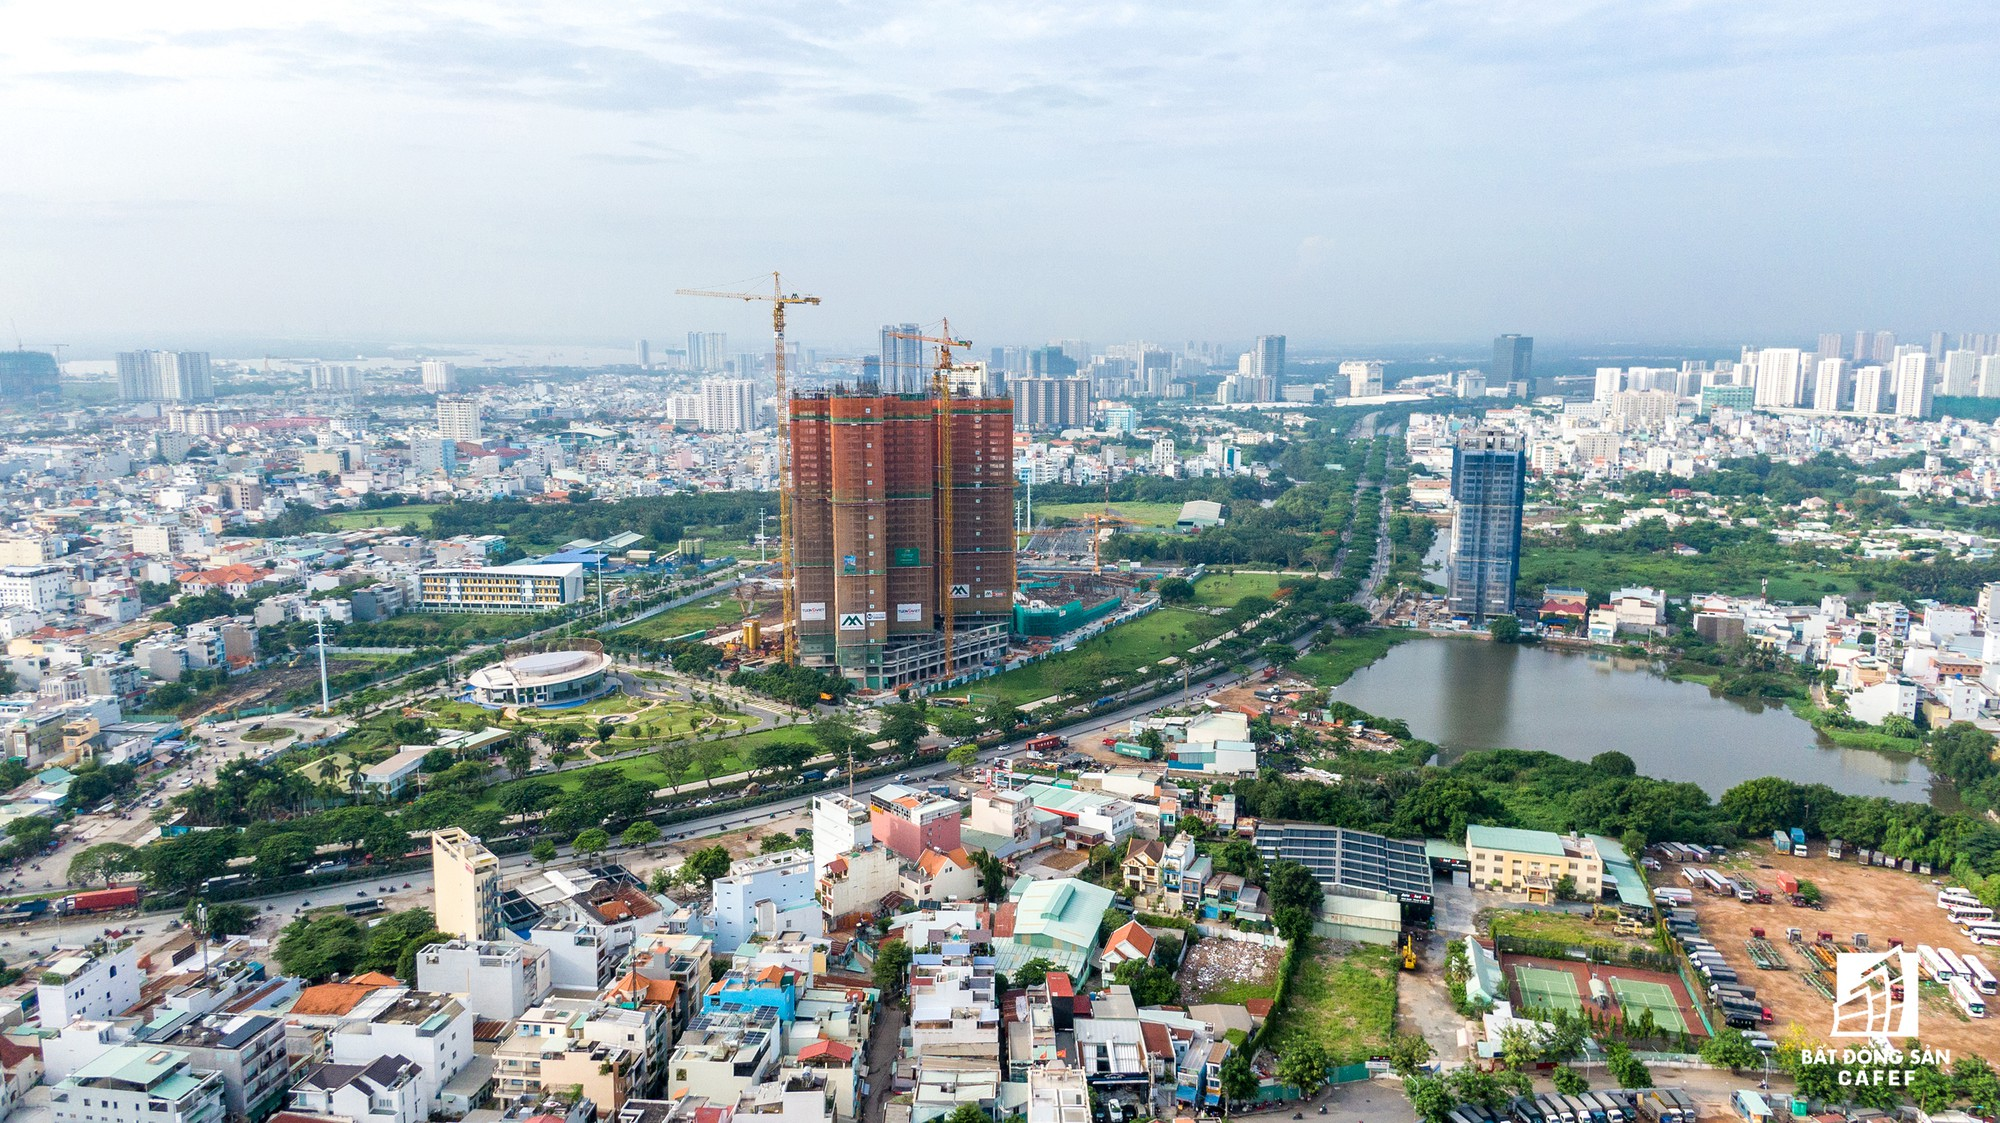 Toàn cảnh đại lộ tỷ đô đã tạo nên một thị trường bất động sản rất riêng cho khu Nam Sài Gòn - Ảnh 16. Toàn cảnh đại lộ tỷ đô đã tạo nên một thị trường bất động sản rất riêng cho khu Nam Sài Gòn Toàn cảnh đại lộ tỷ đô đã tạo nên một thị trường bất động sản rất riêng cho khu Nam Sài Gòn hinh 19 1567220470091899349492